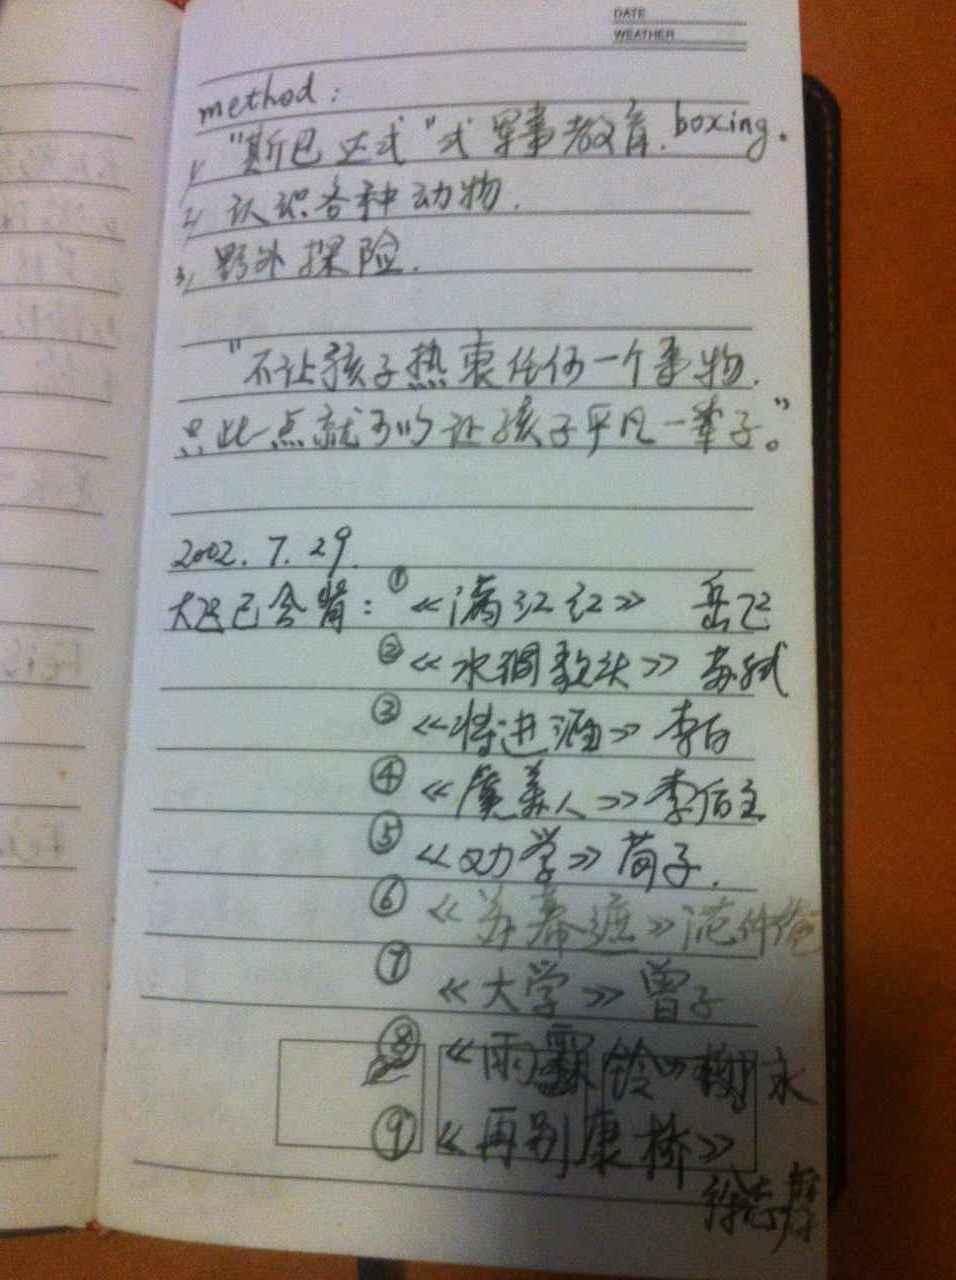 《大飞成长日记》中的一页